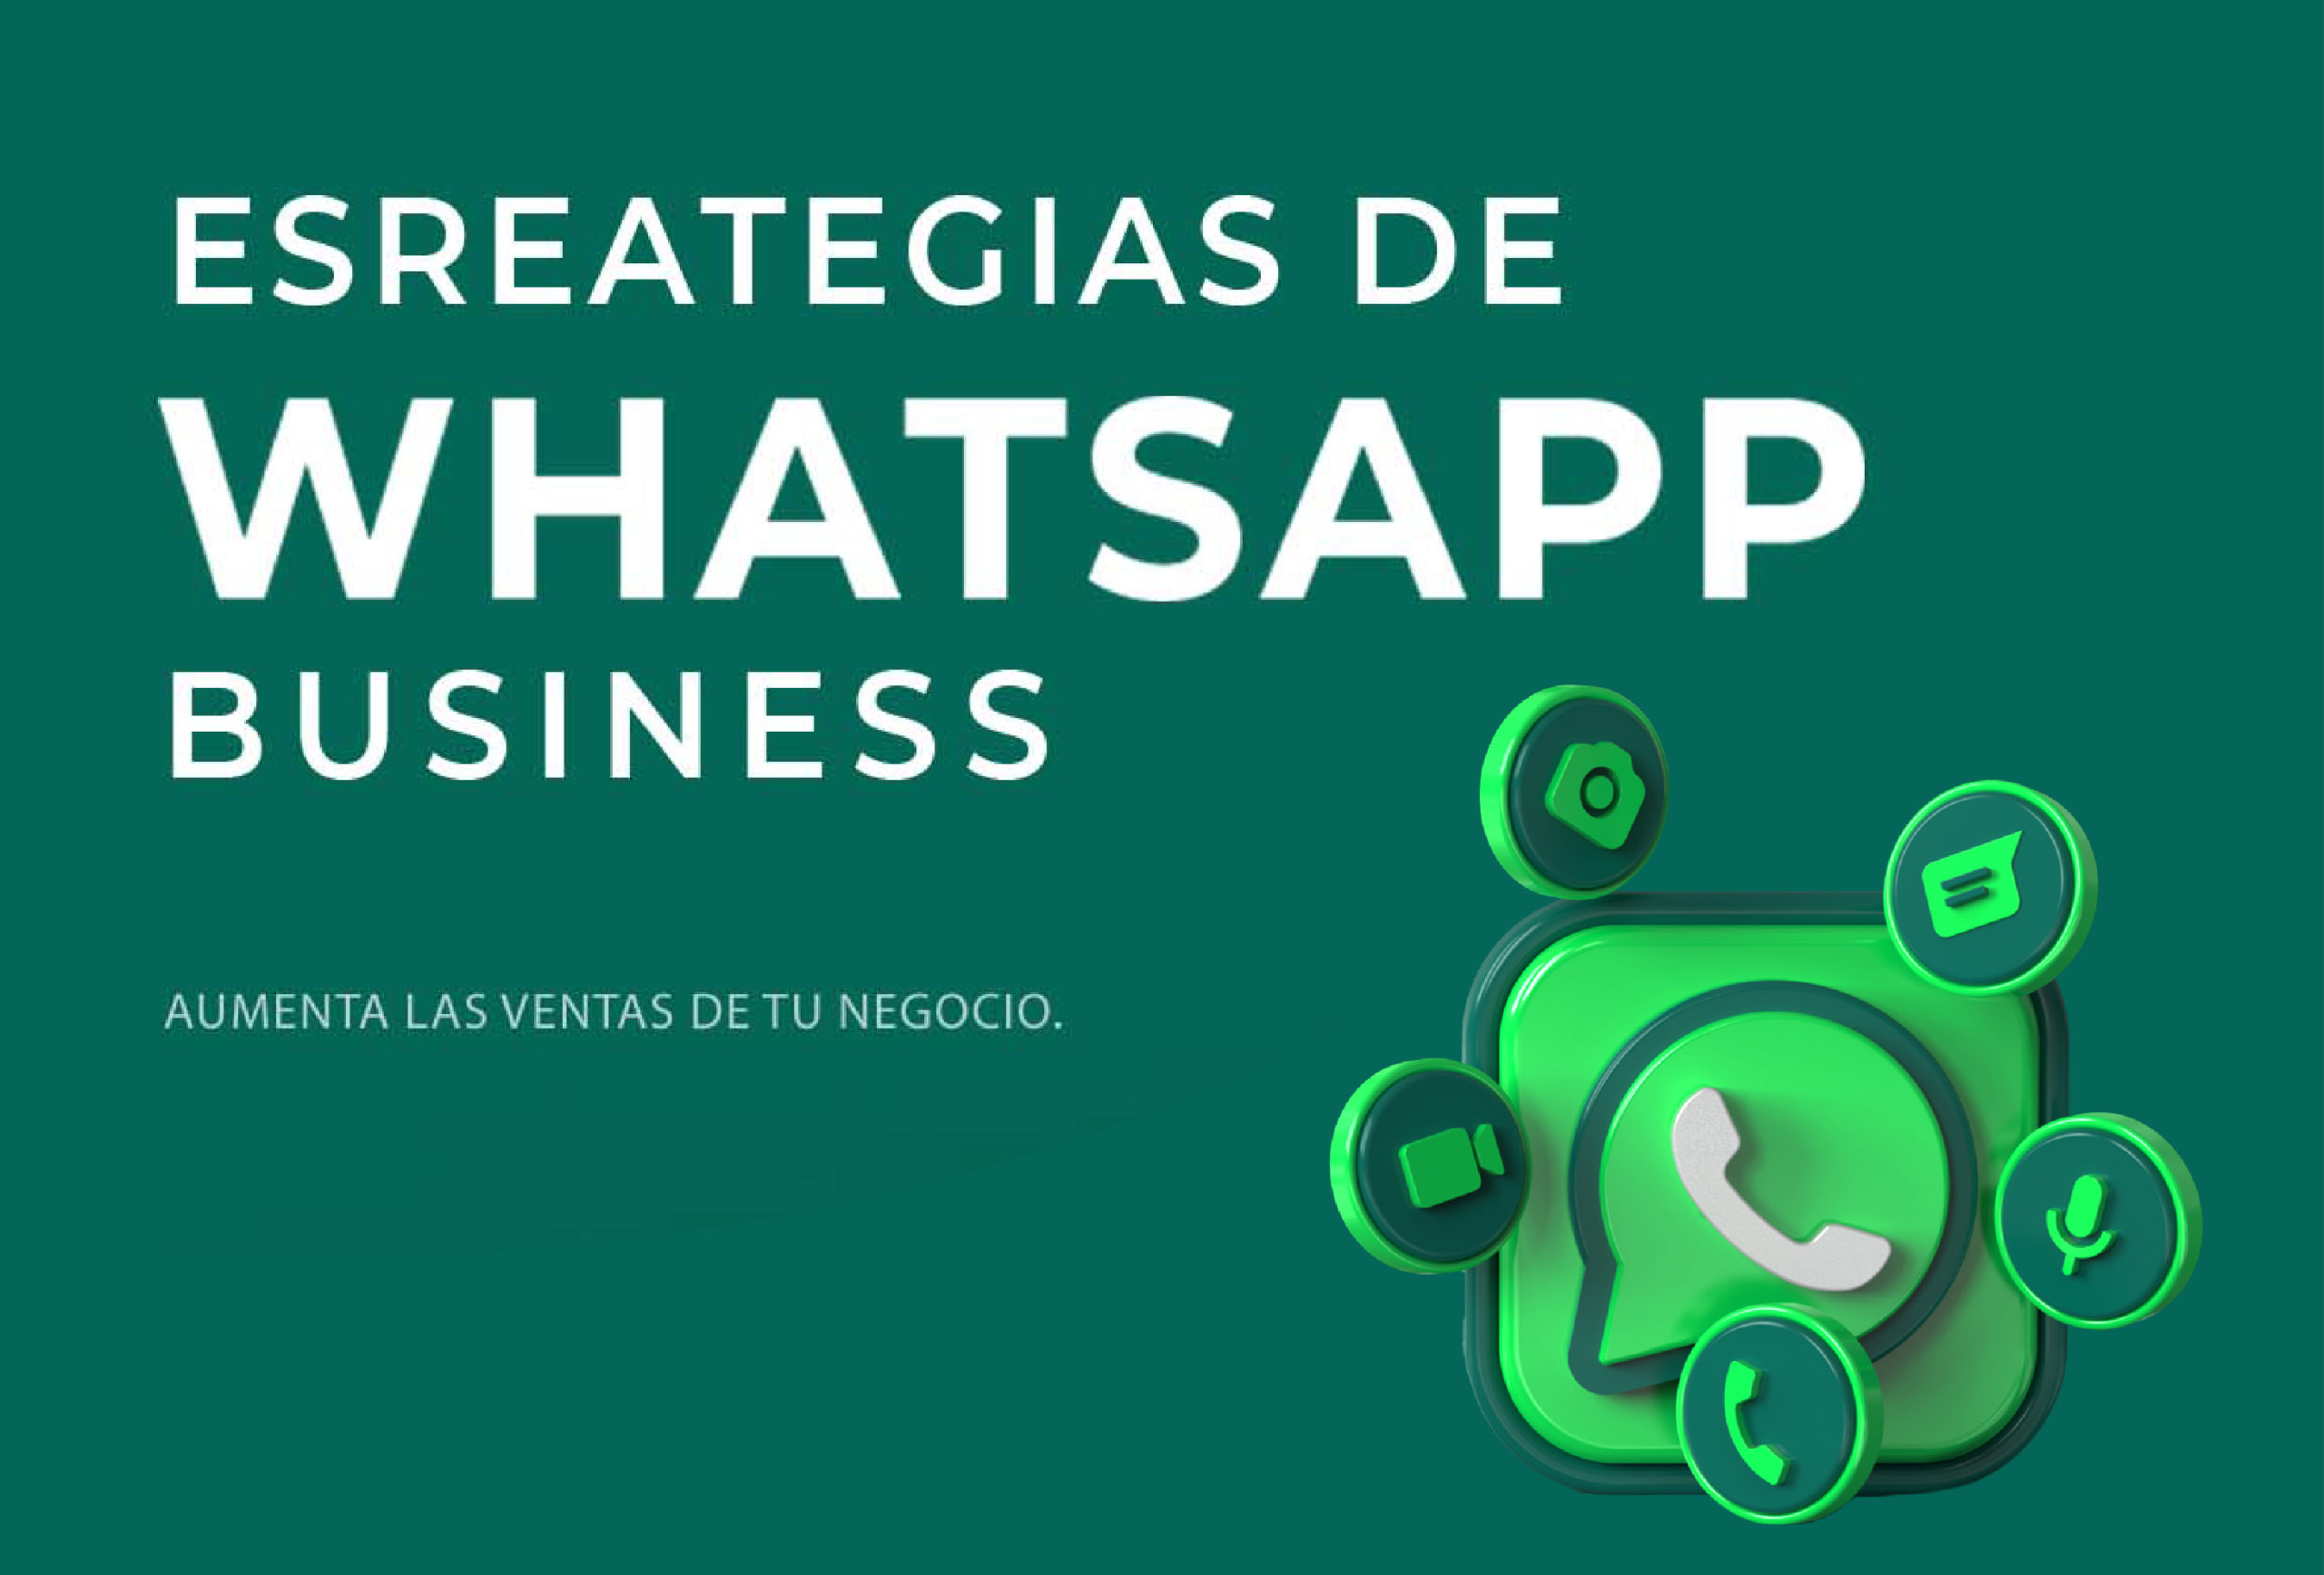 Cómo VENDER por WhatsApp: La estrategia PERFECTA de 5 fases